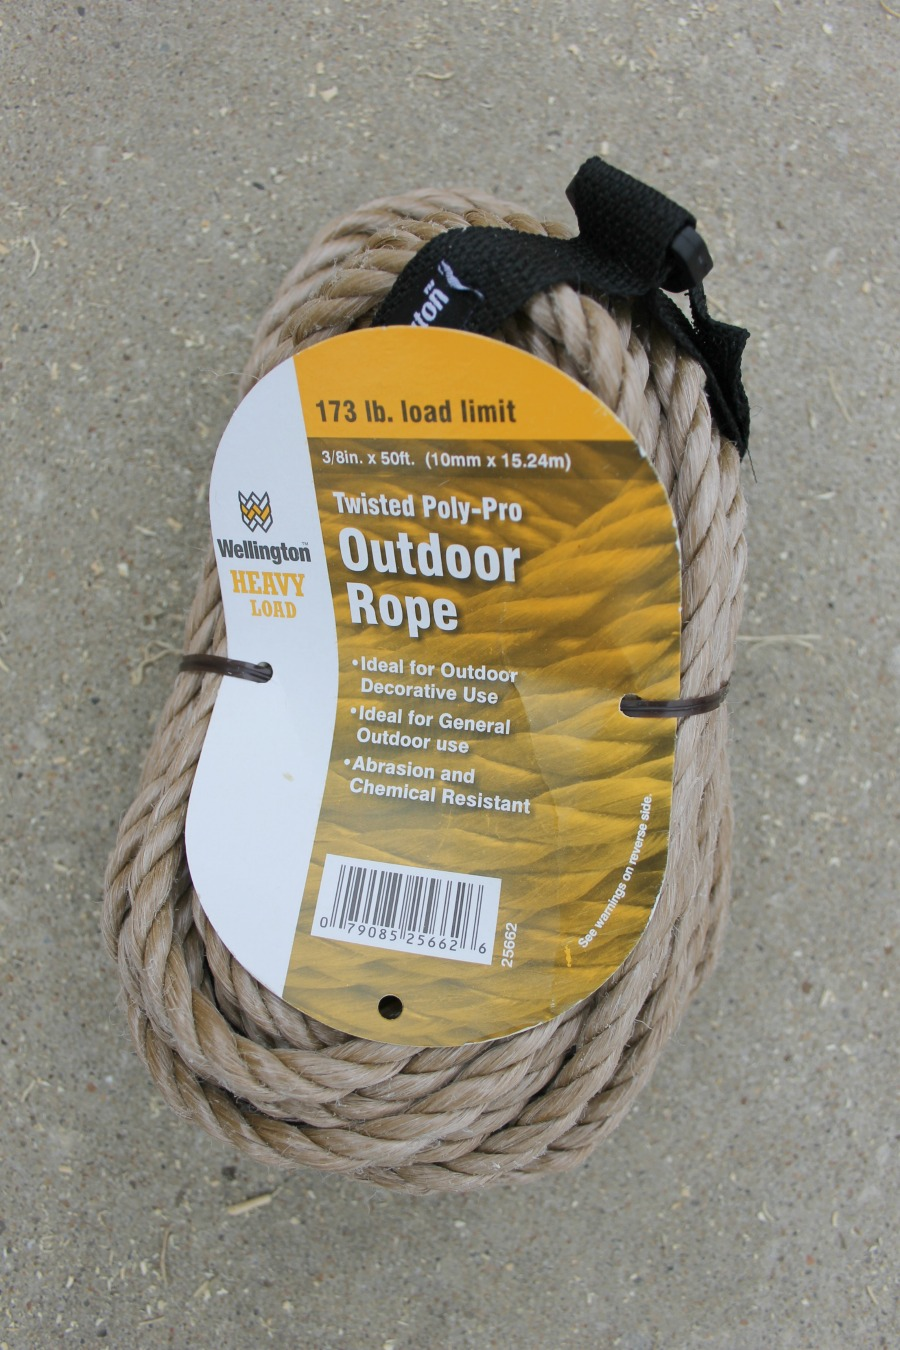 outdoor rope bundle